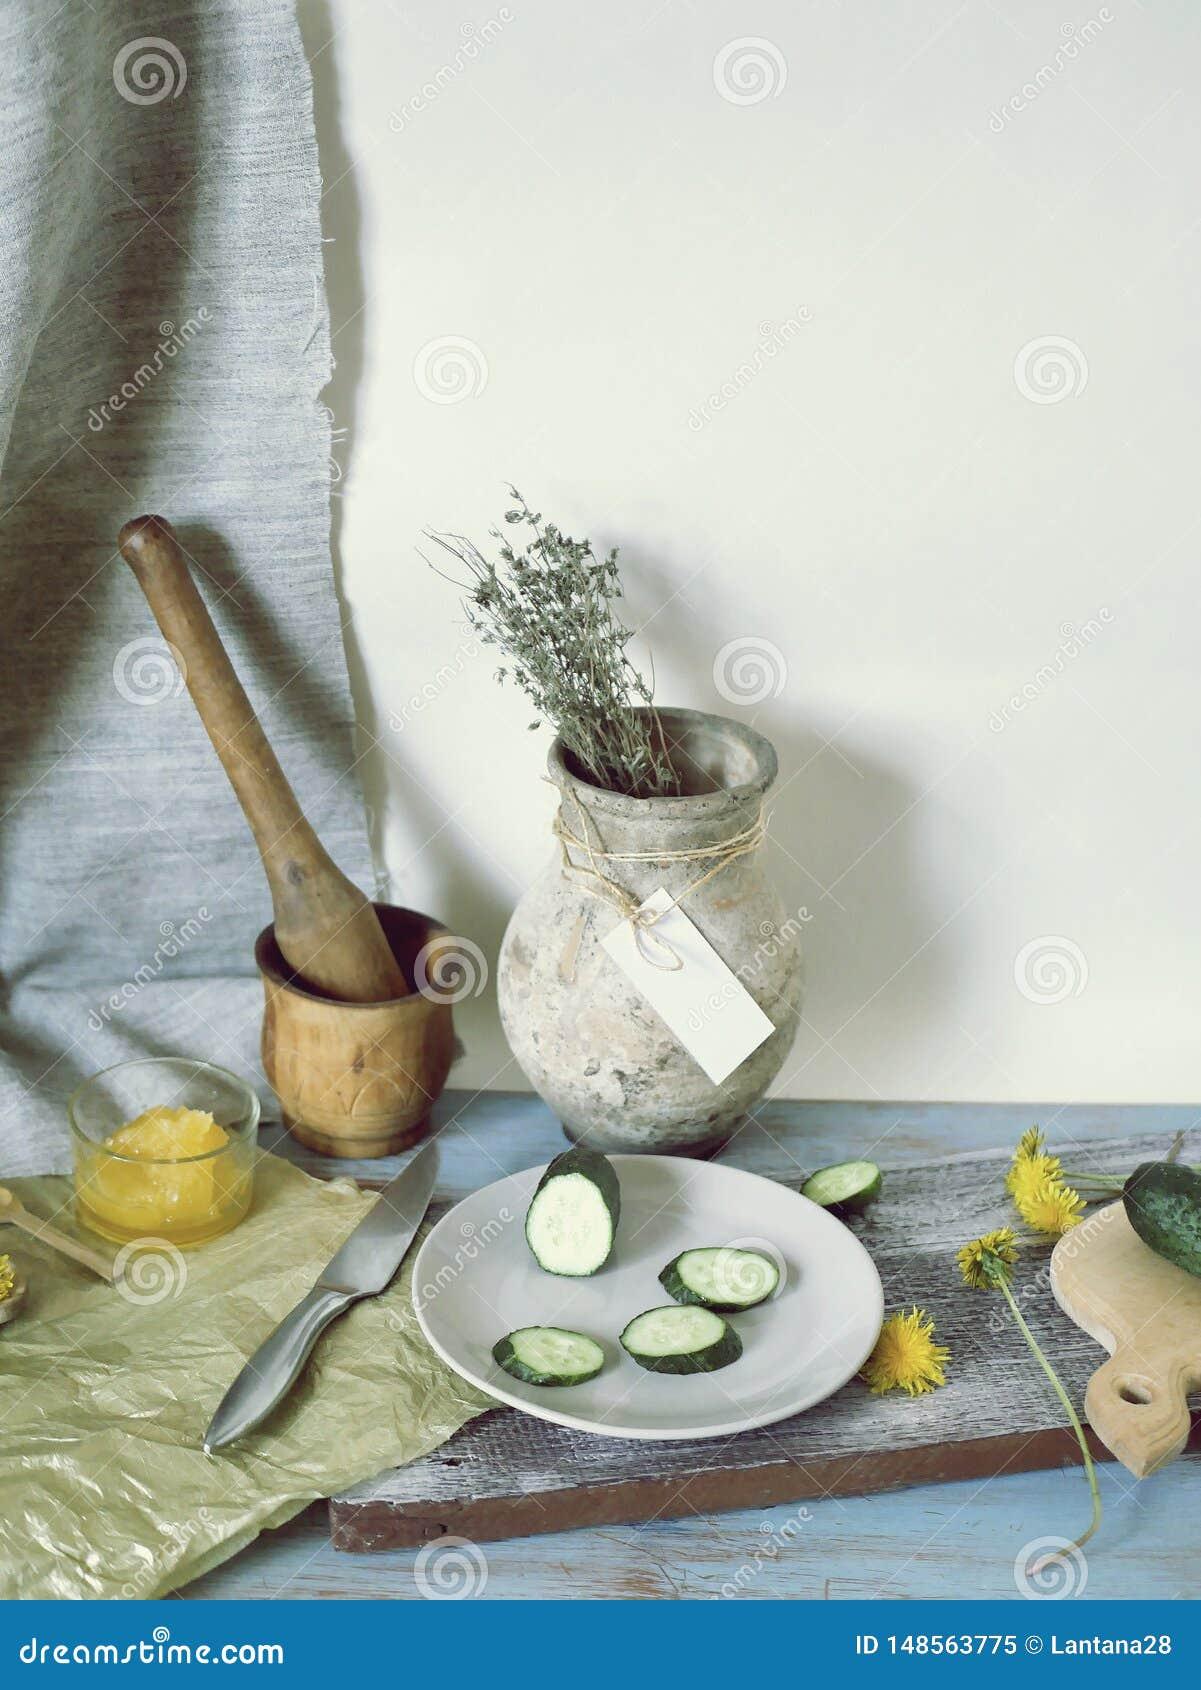 蜂蜜,菜,在桌上的蒲公英花,烹调健康食品